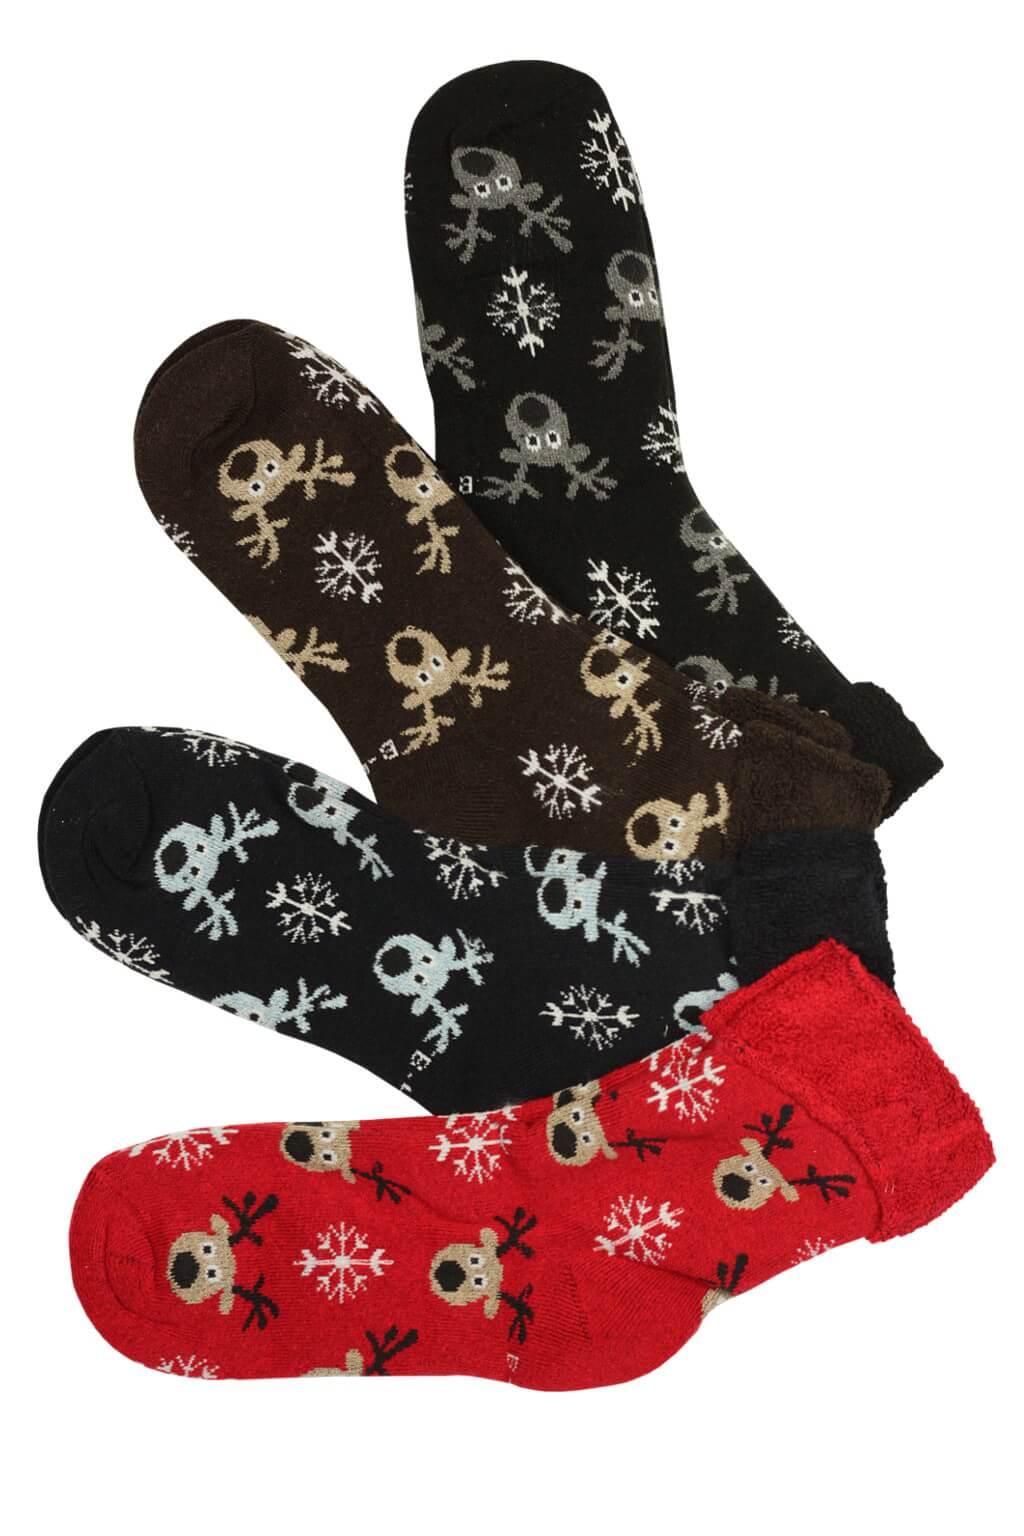 Dámské ponožky s vánočním motivem - 3 bal 39-42 MIX